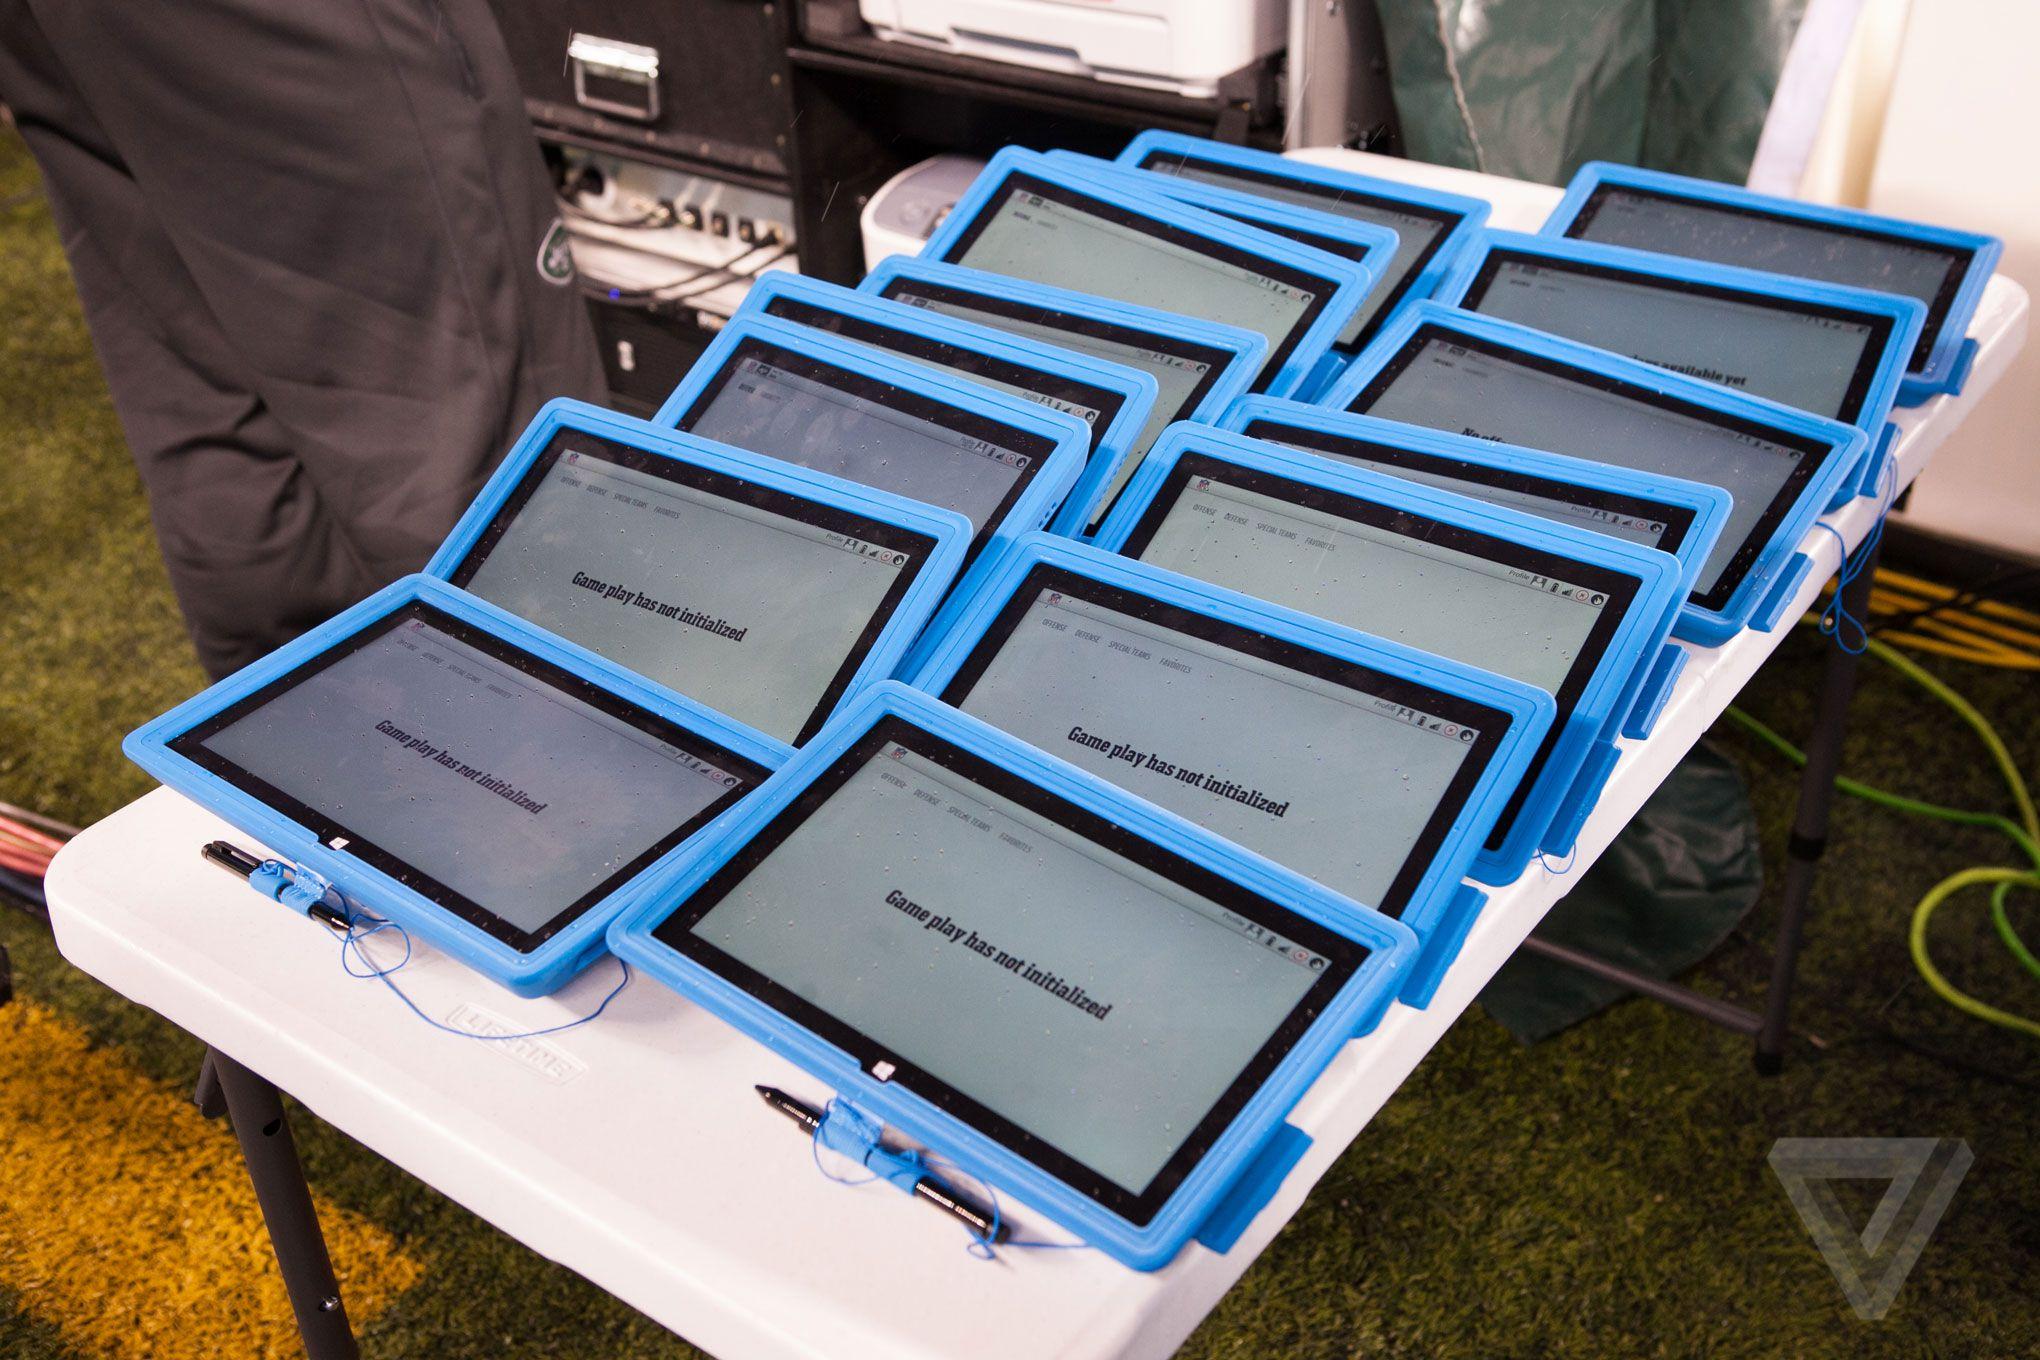 NFL Surface tablet